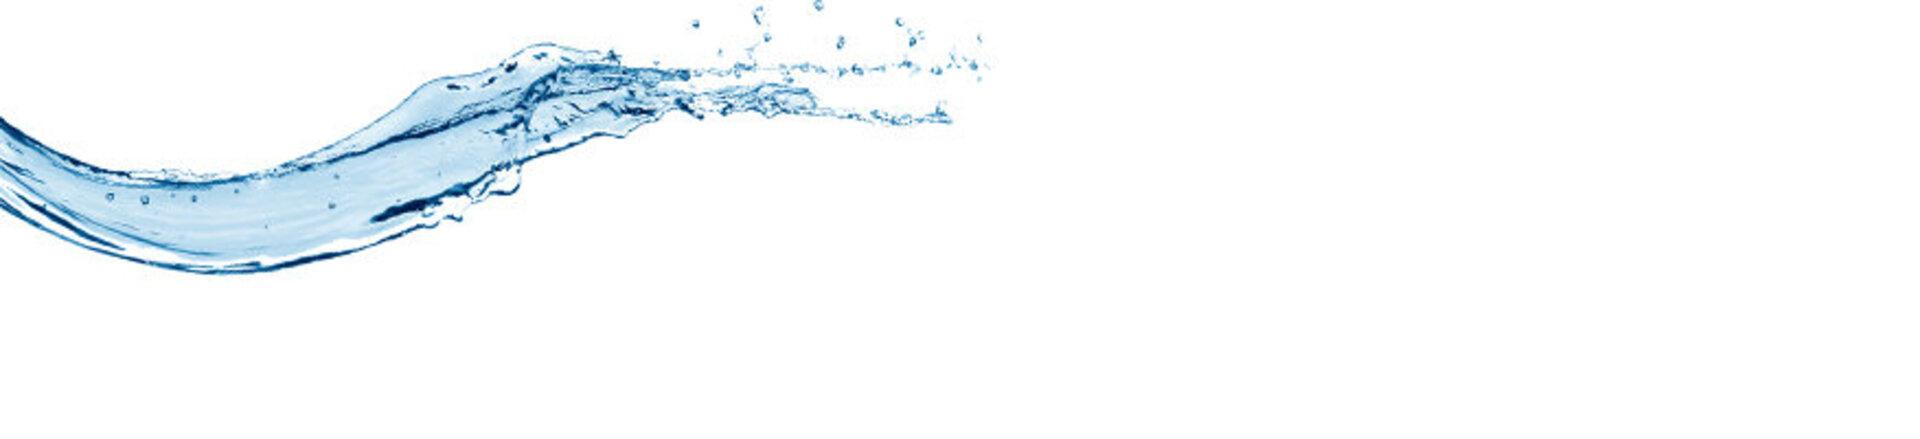 Welle Wasser